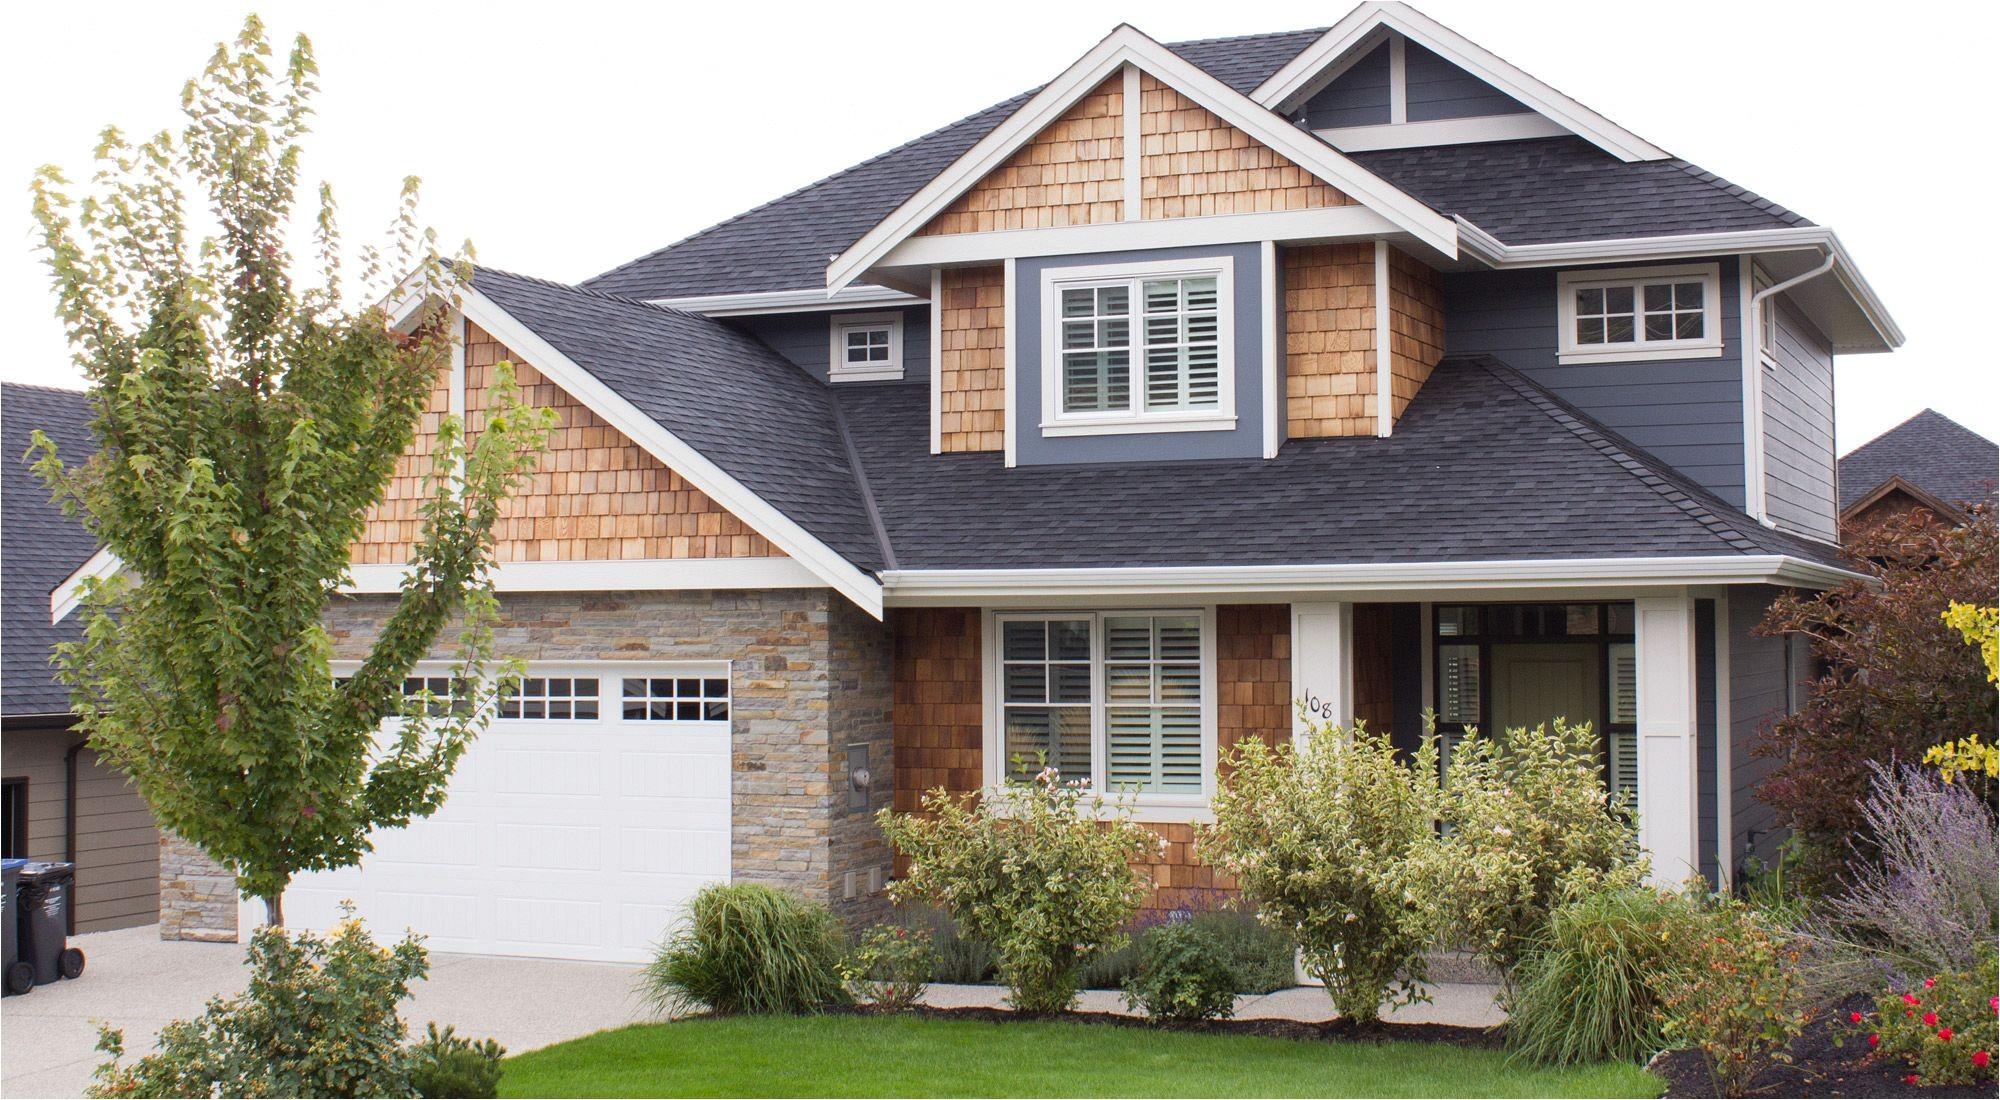 smart placement jenish house plans ideas